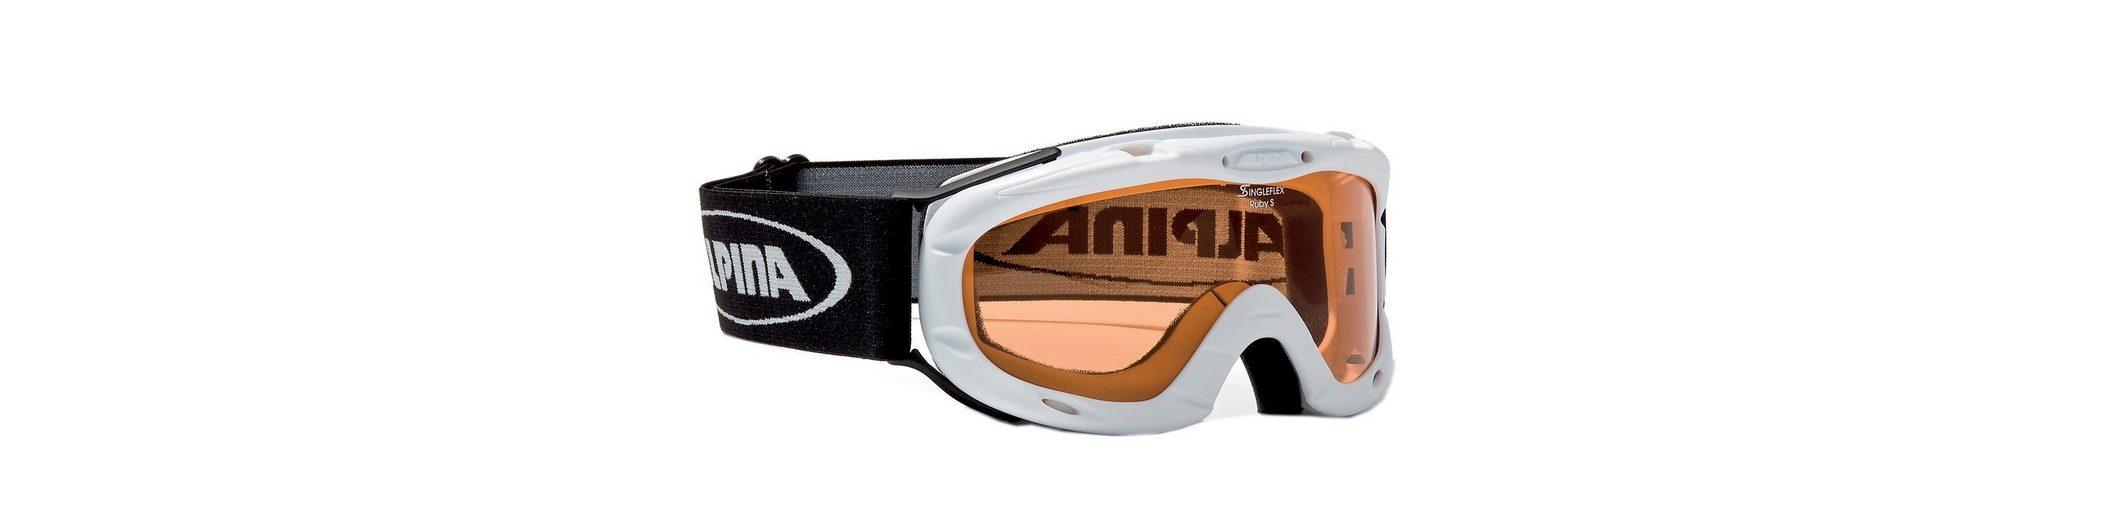 Kinder-Skibrille, Alpina, »Ruby«